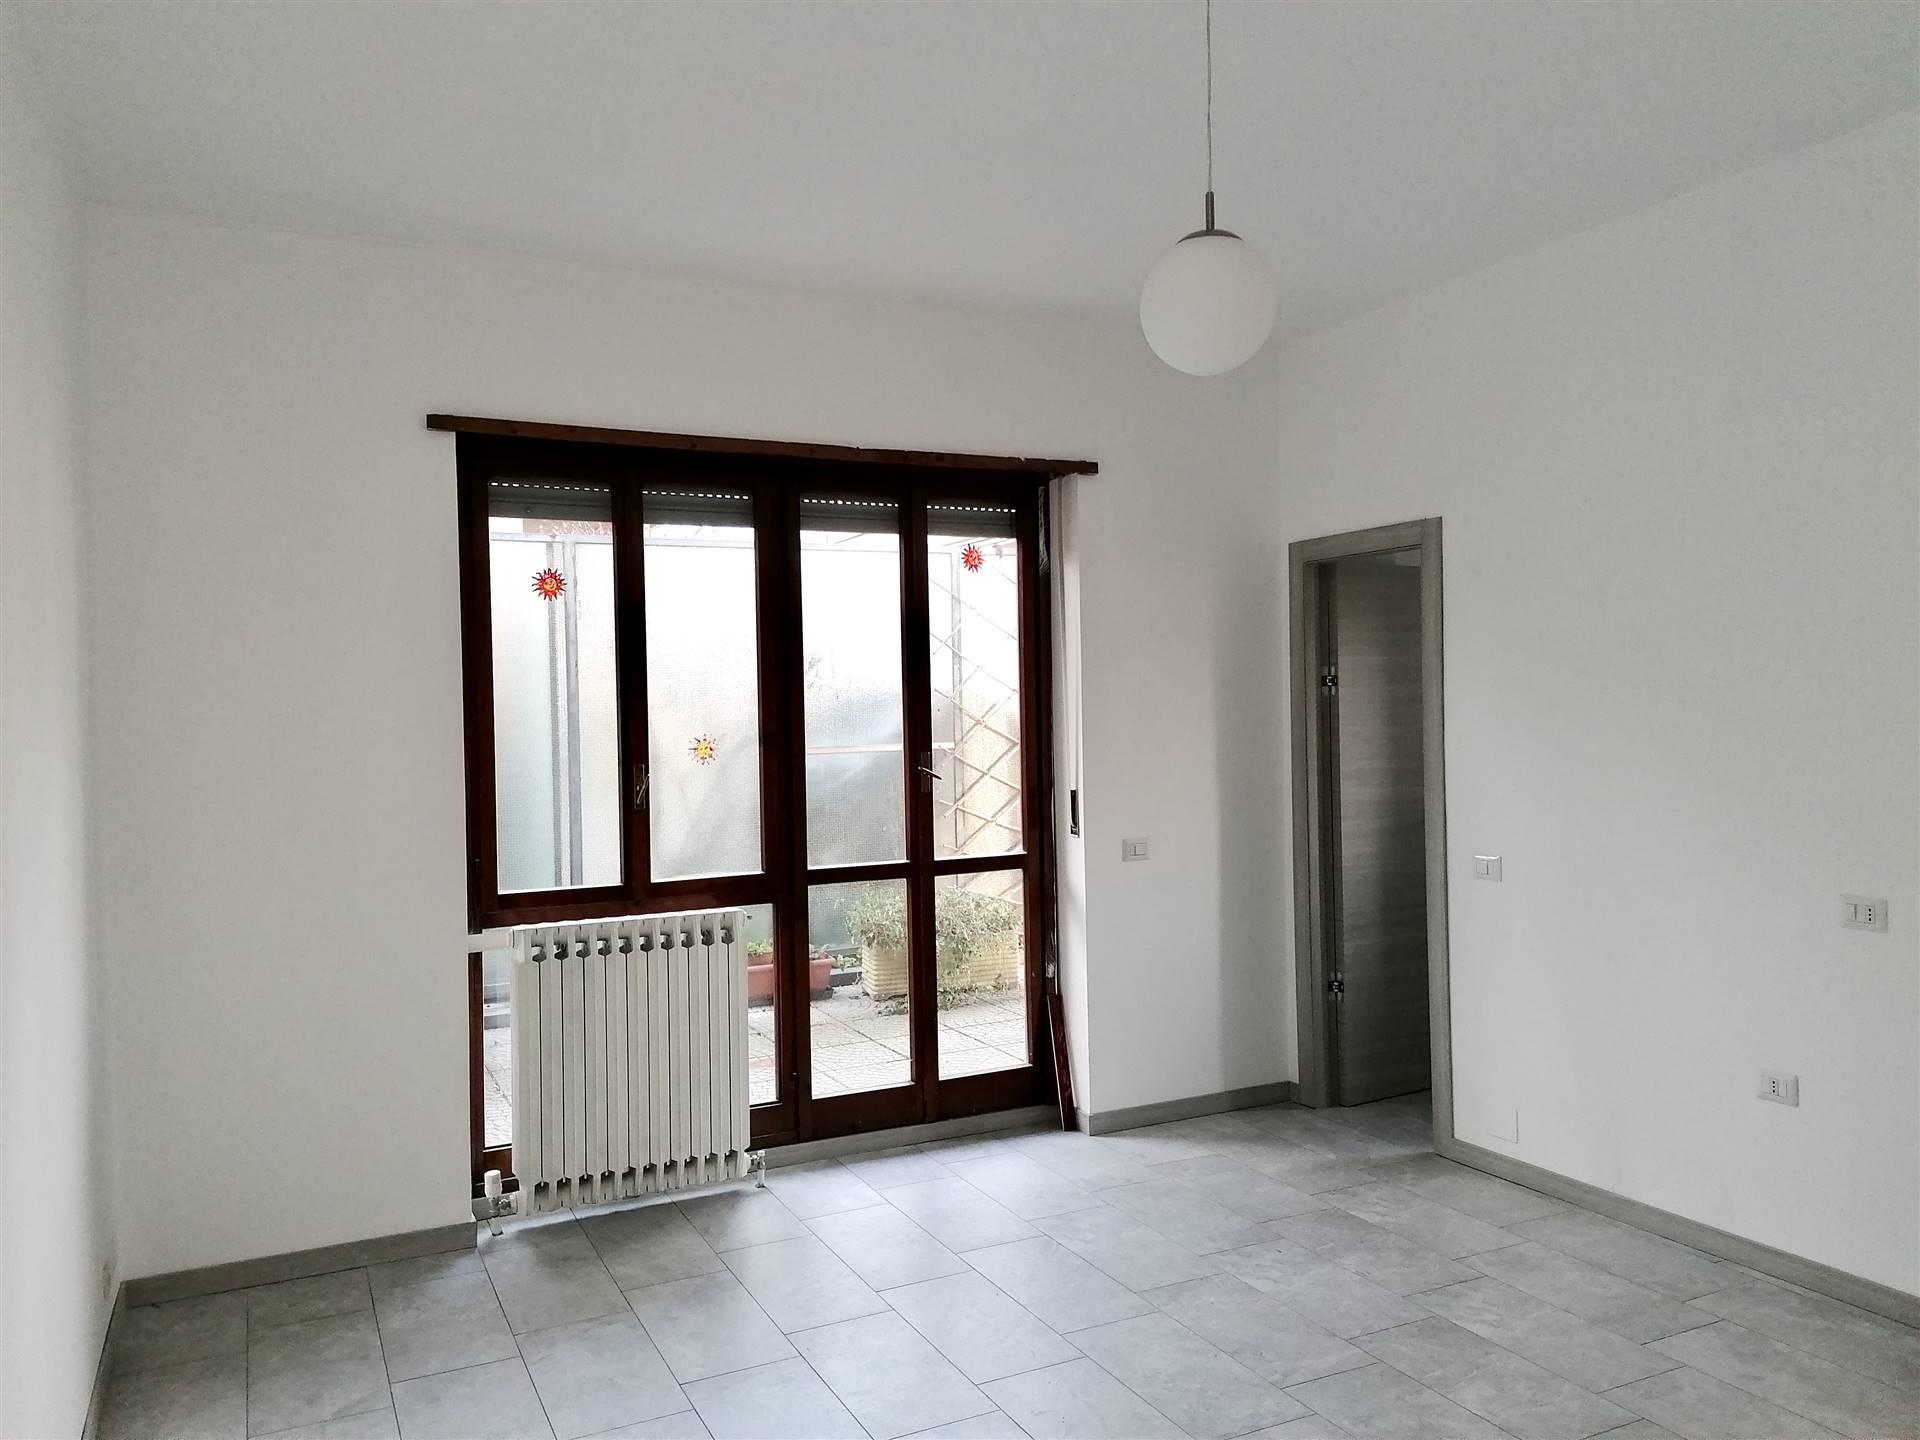 Appartamento in affitto a Monza, 1 locali, zona Zona: 1 . Centro Storico, San Gerardo, Via Lecco, prezzo € 650 | CambioCasa.it